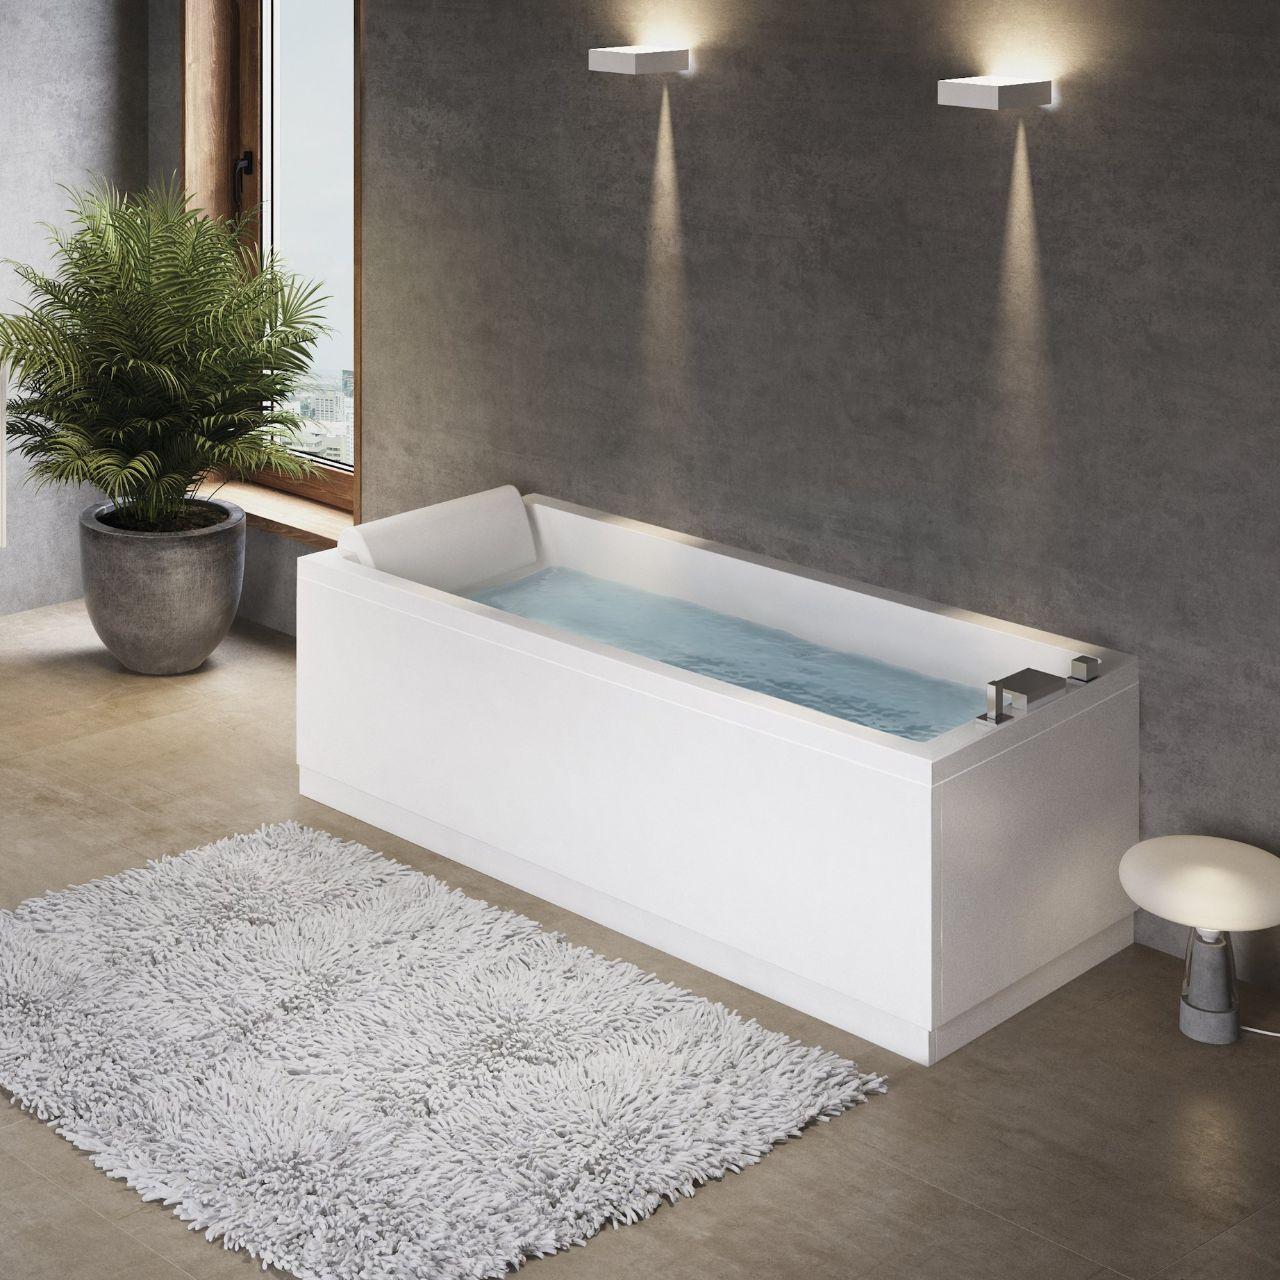 Baignoires calos novellini - Immagini vasche da bagno ...